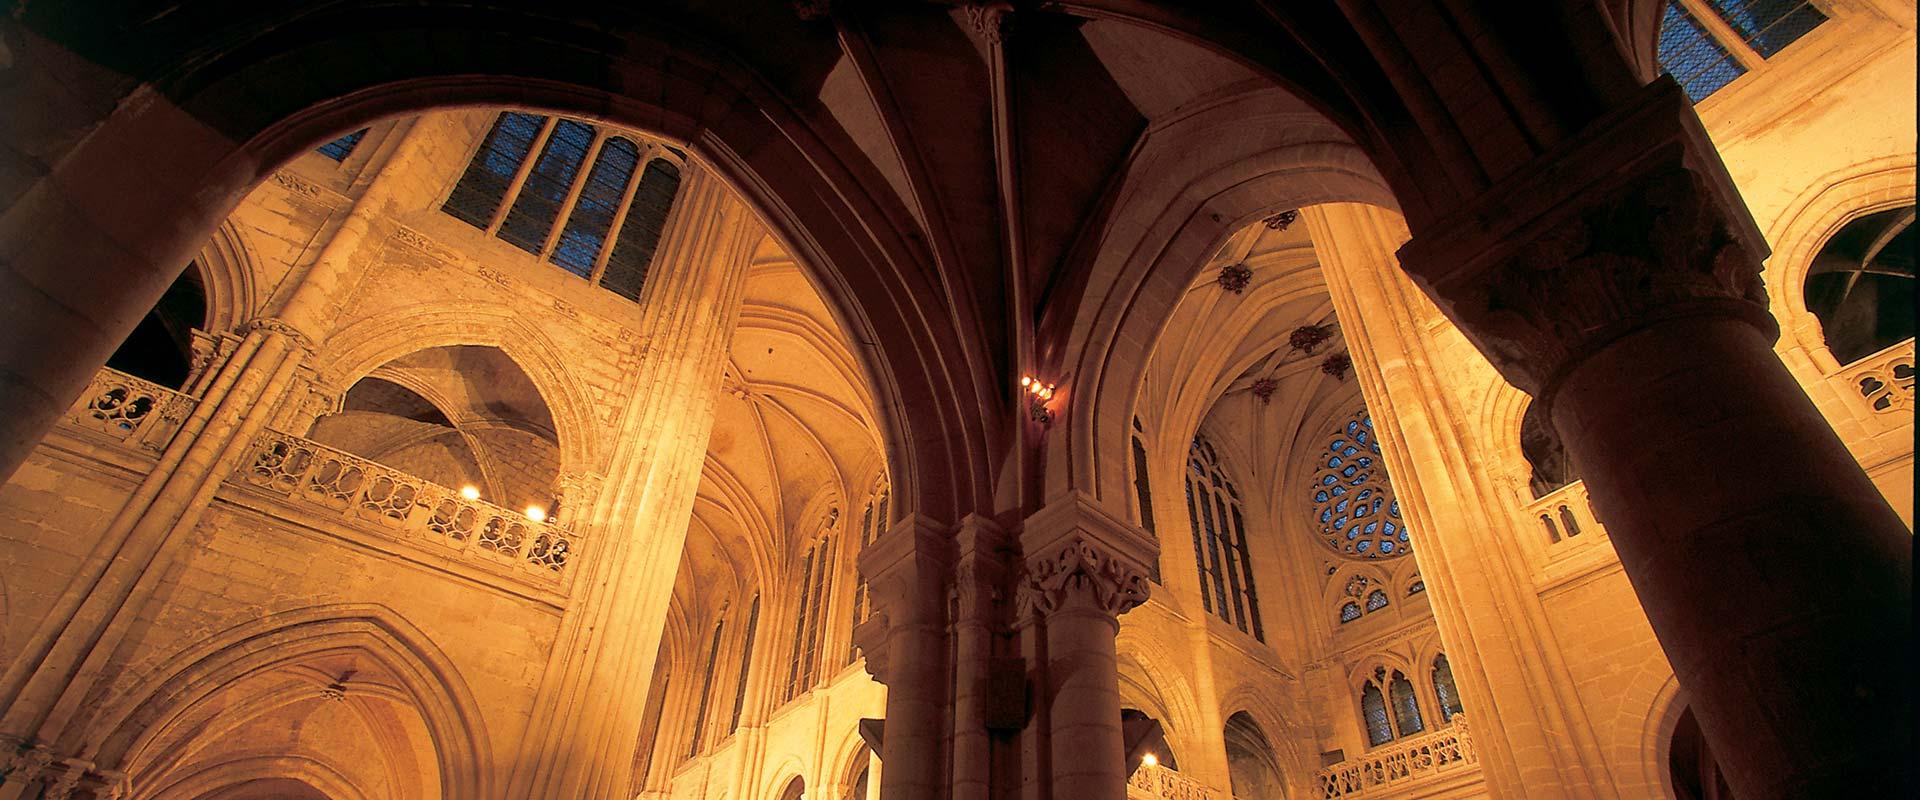 cathedrale-de-senlis1